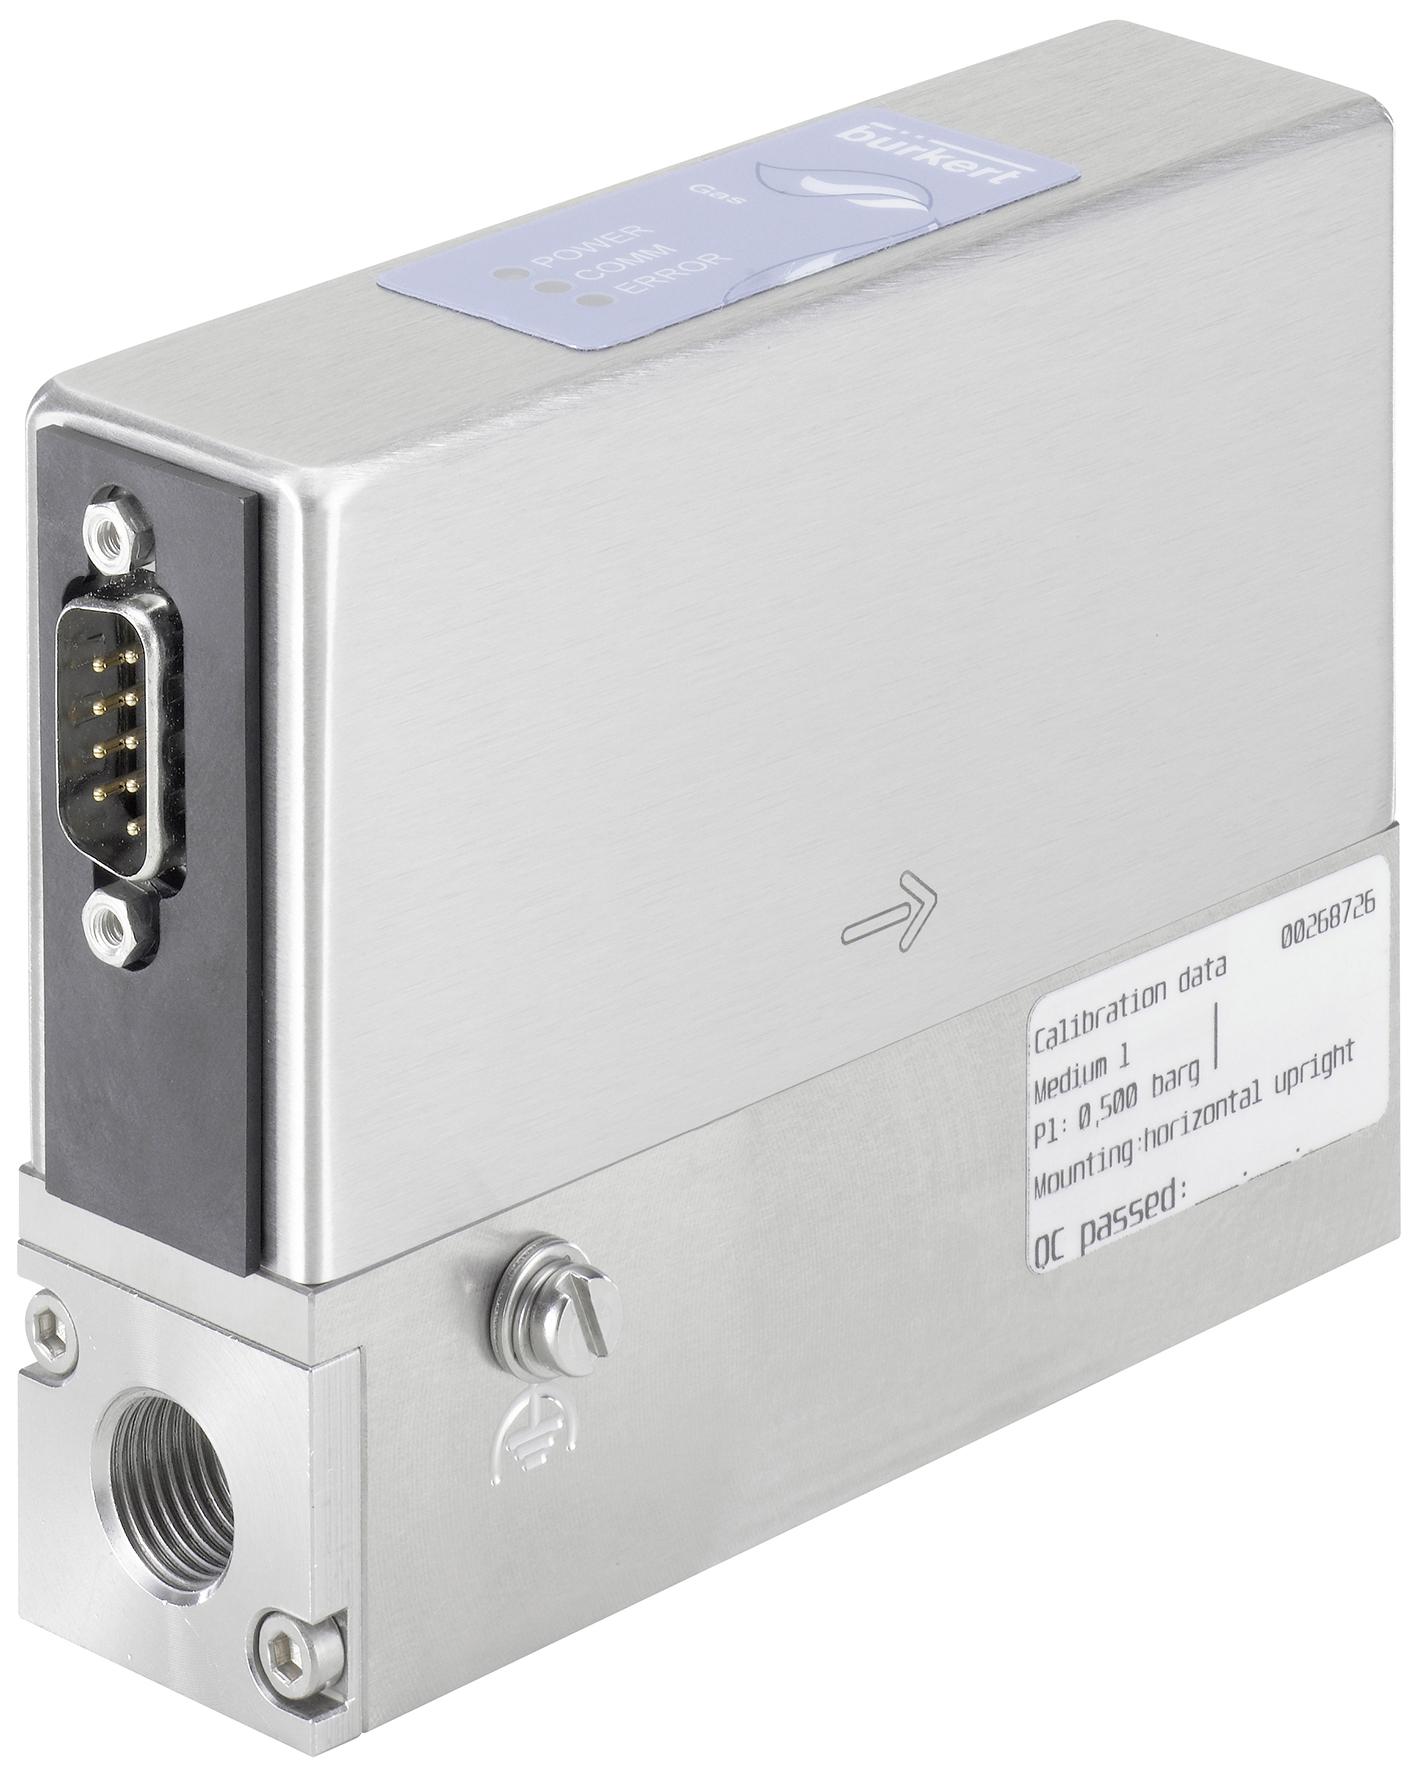 德国宝帝流量控制器,burkert流量控制器系列选型